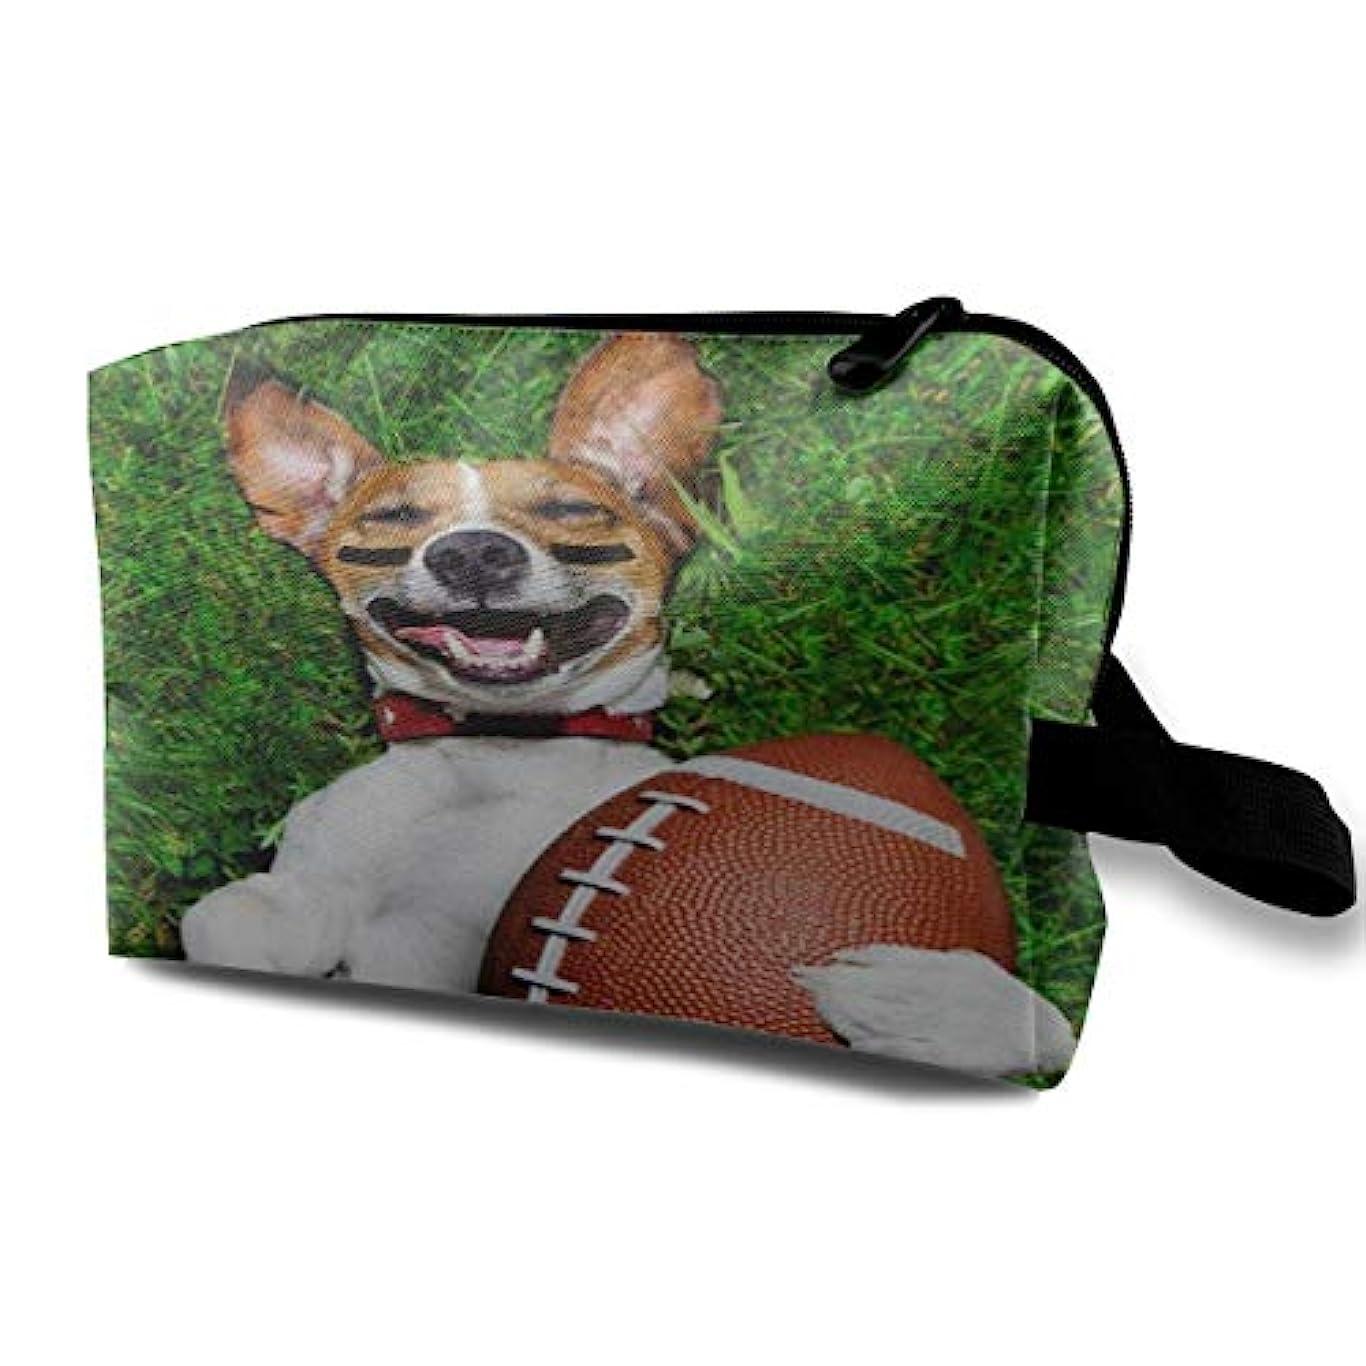 成り立つ優越ミニAmerican Football Dog Pattern 収納ポーチ 化粧ポーチ 大容量 軽量 耐久性 ハンドル付持ち運び便利。入れ 自宅?出張?旅行?アウトドア撮影などに対応。メンズ レディース トラベルグッズ